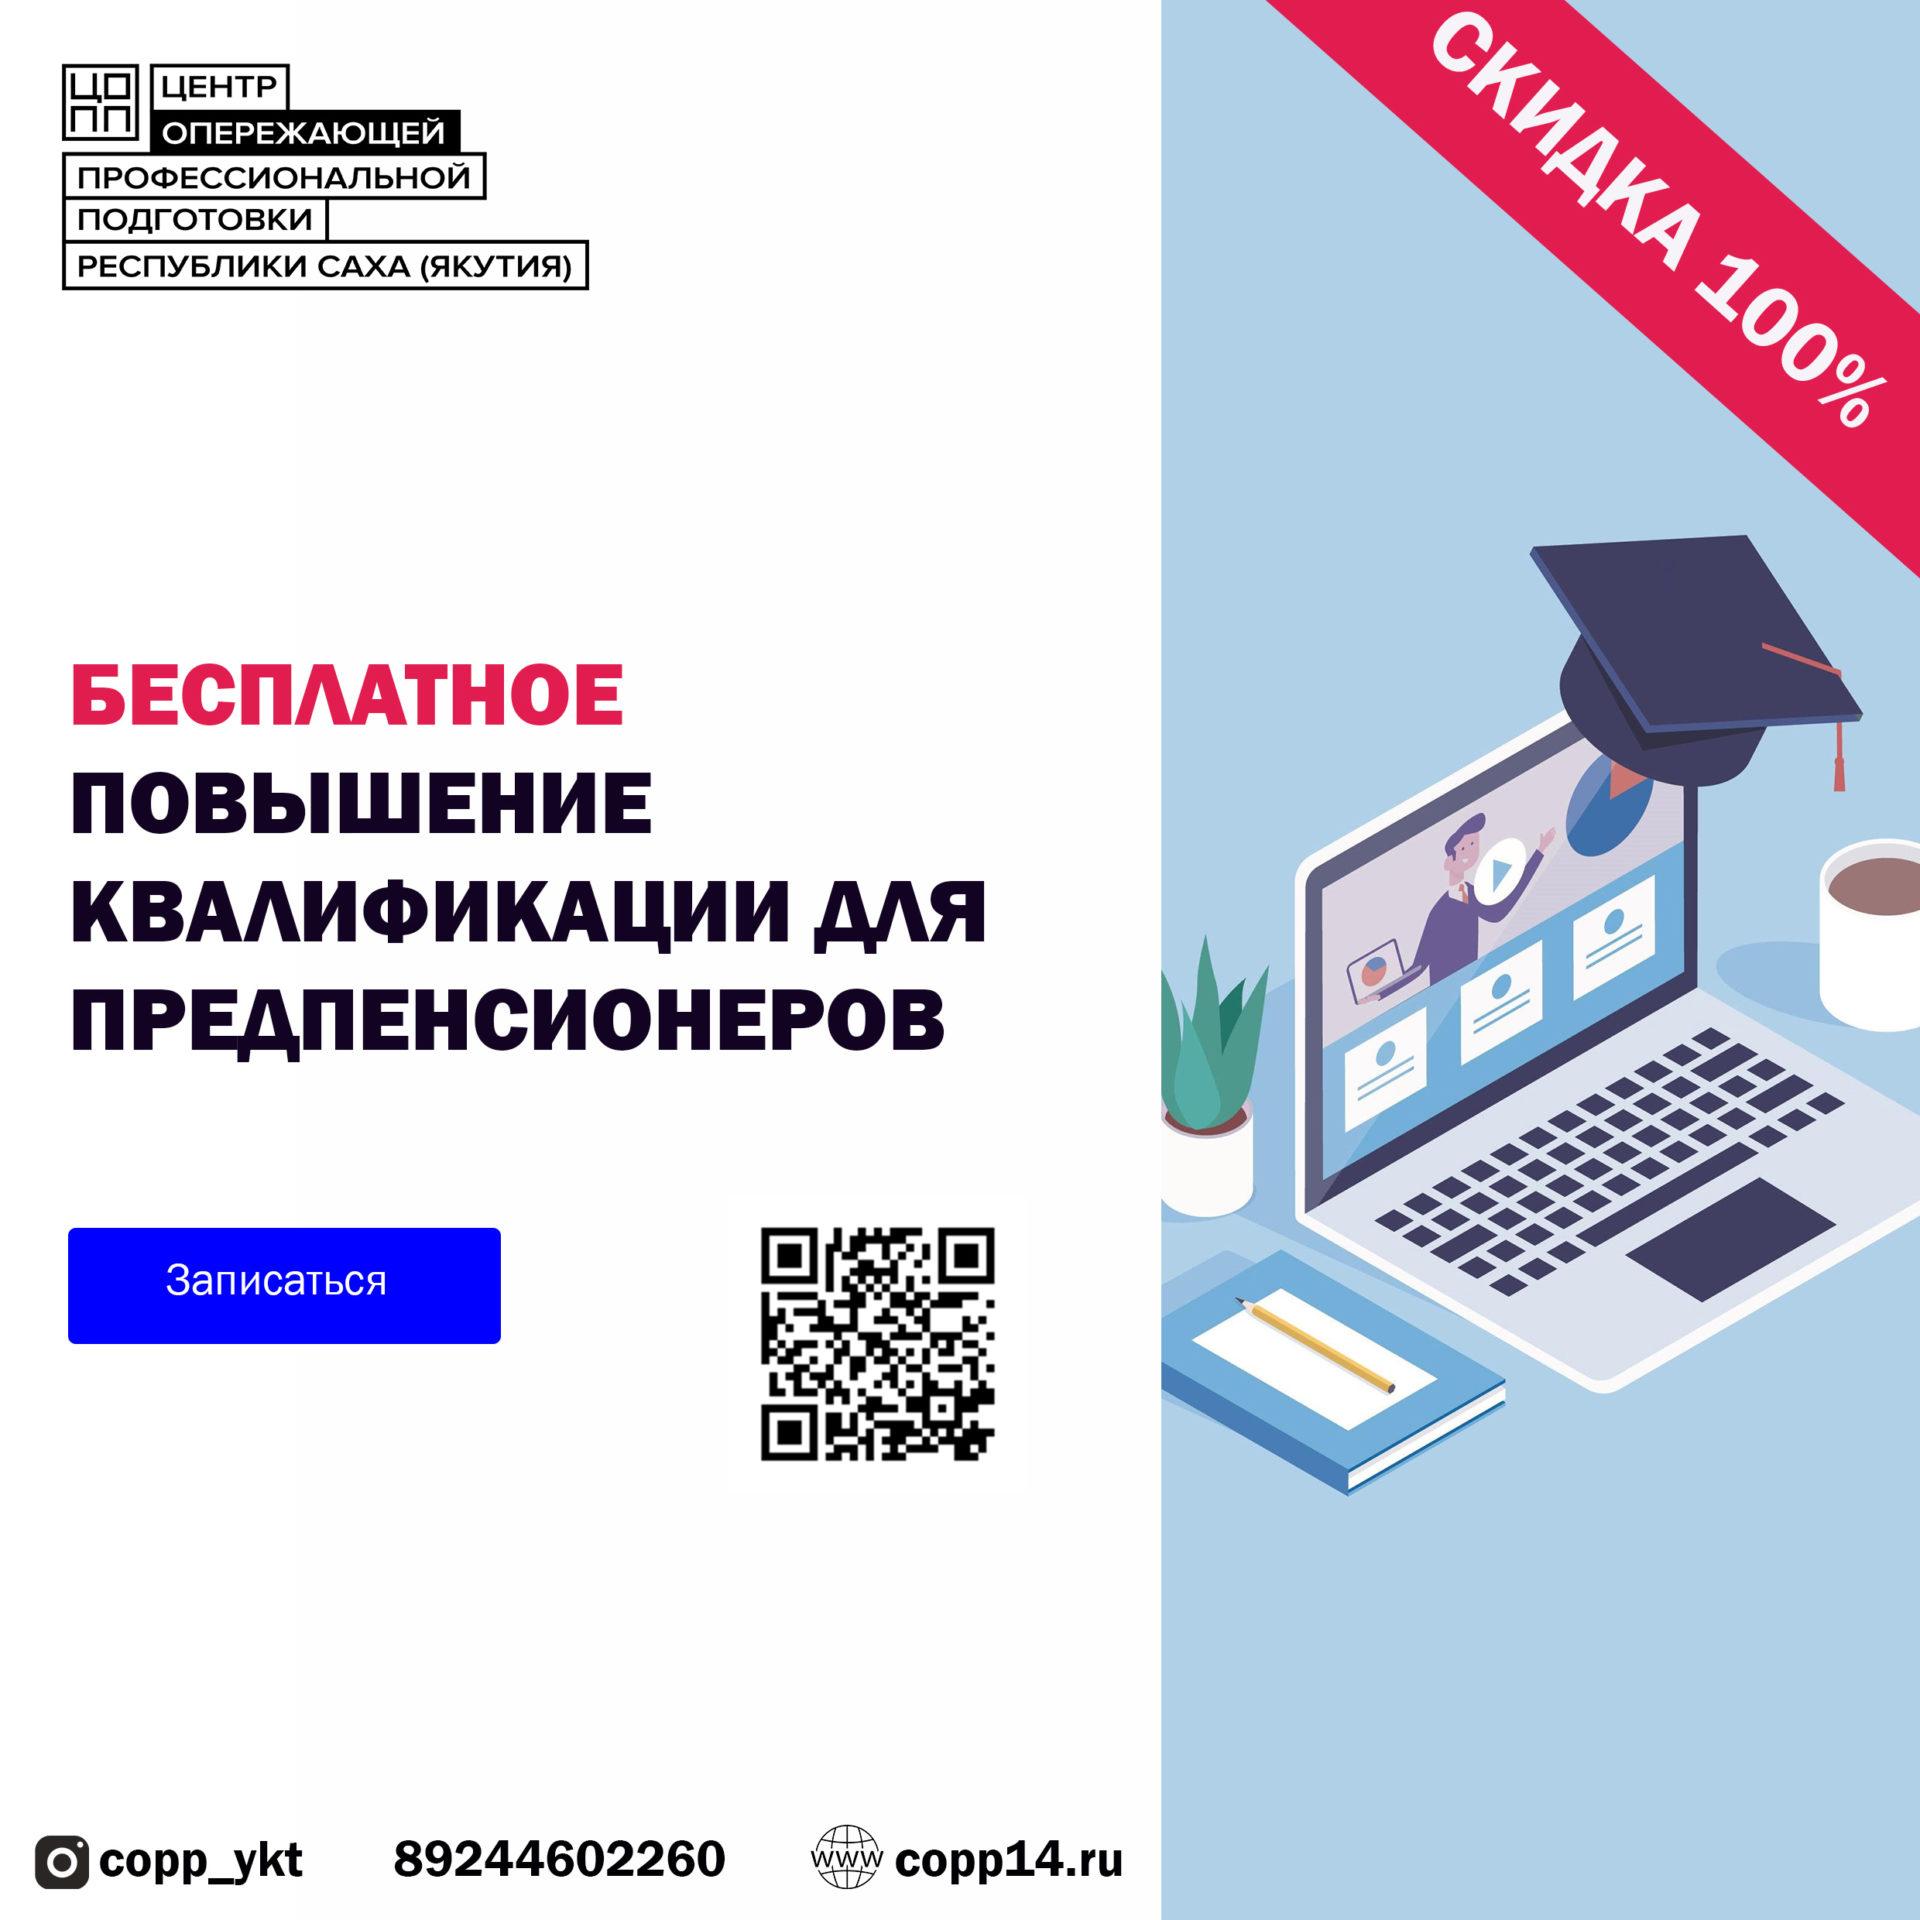 ЦОПП Якутии приглашает предпенсионеров на бесплатные курсы